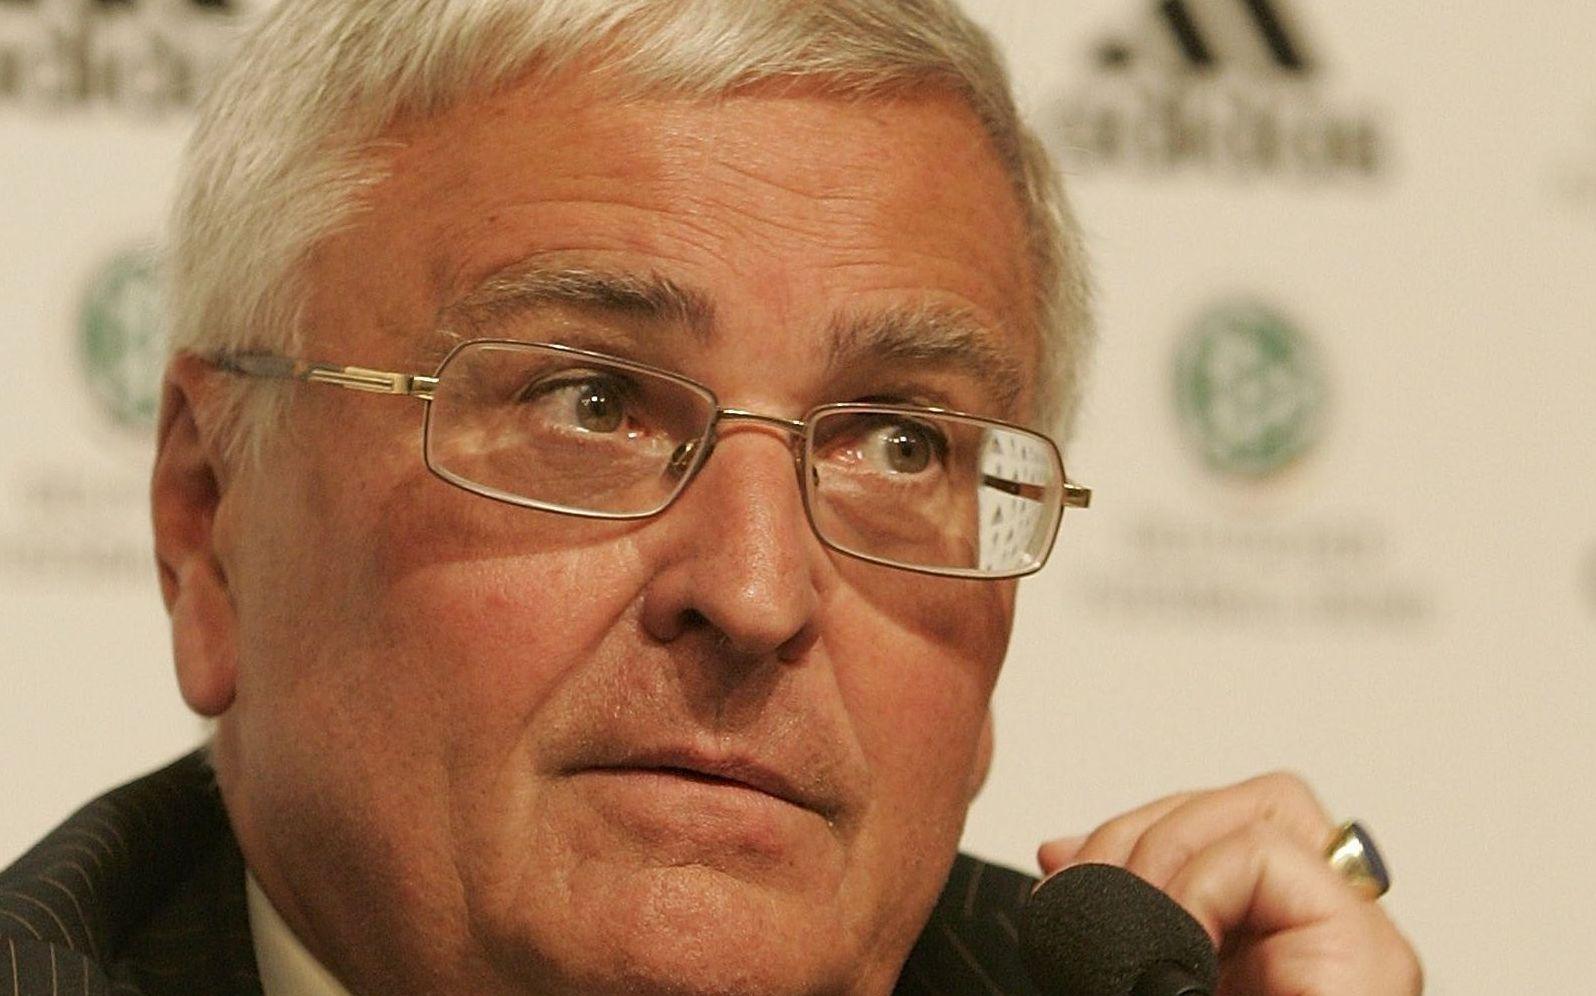 DFB-Präsident Zwanziger über Realitäten in der Medienberichterstattung